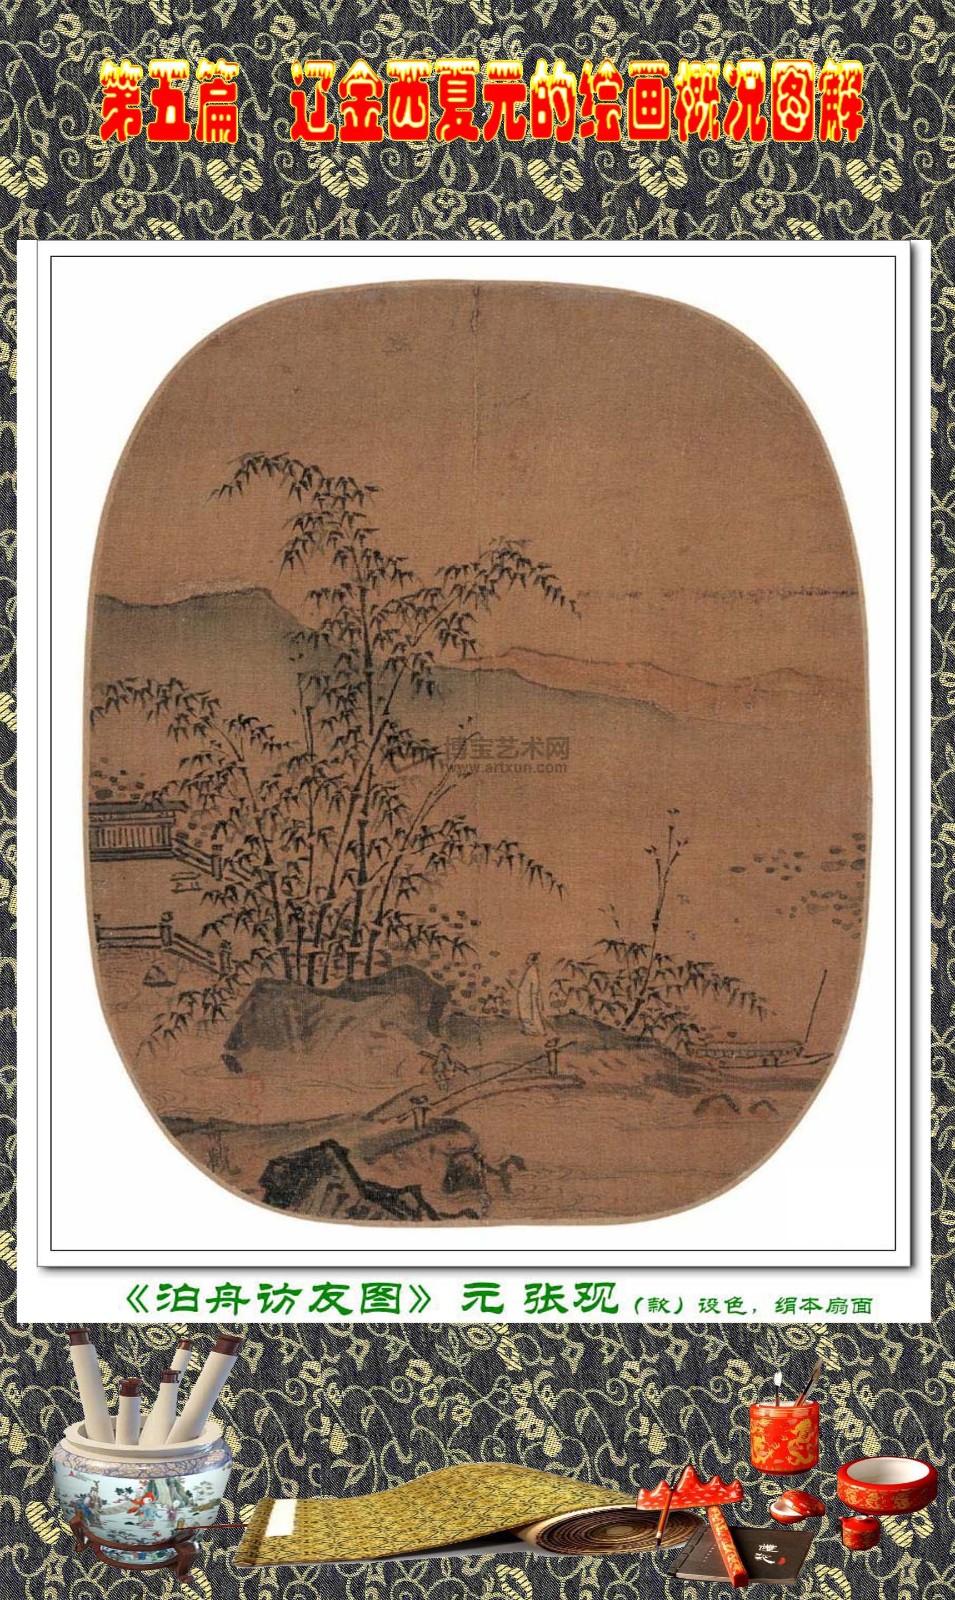 顾绍骅编辑 中国画知识普及版 第五篇 辽金西夏元的绘画概况 下 ... ..._图1-96